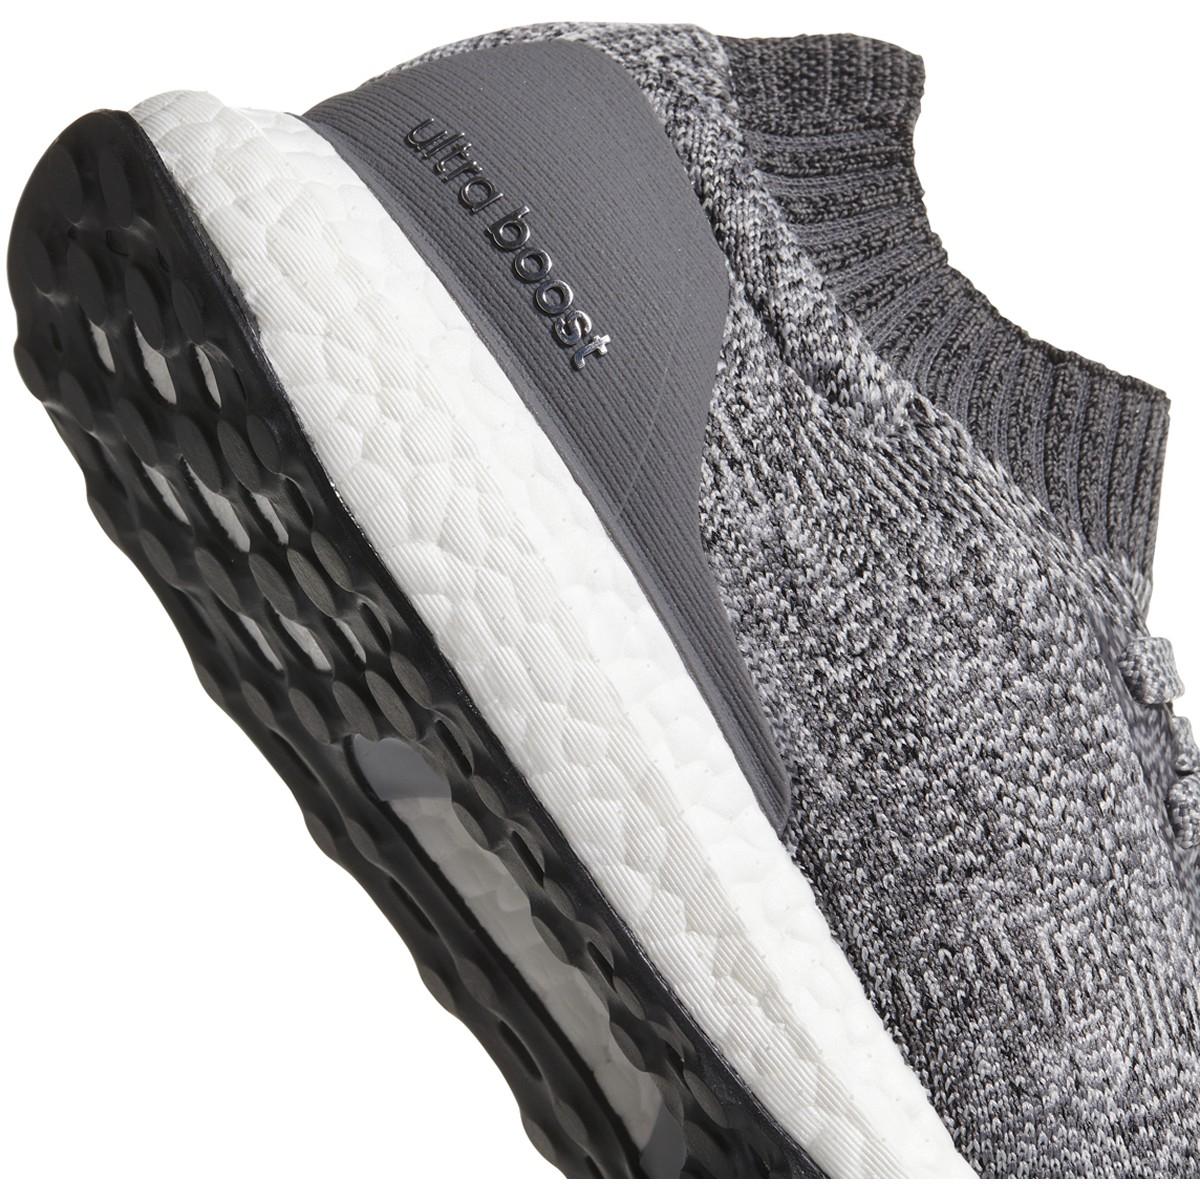 Adidas Ultraboost Uncaged Grey Two DA9159